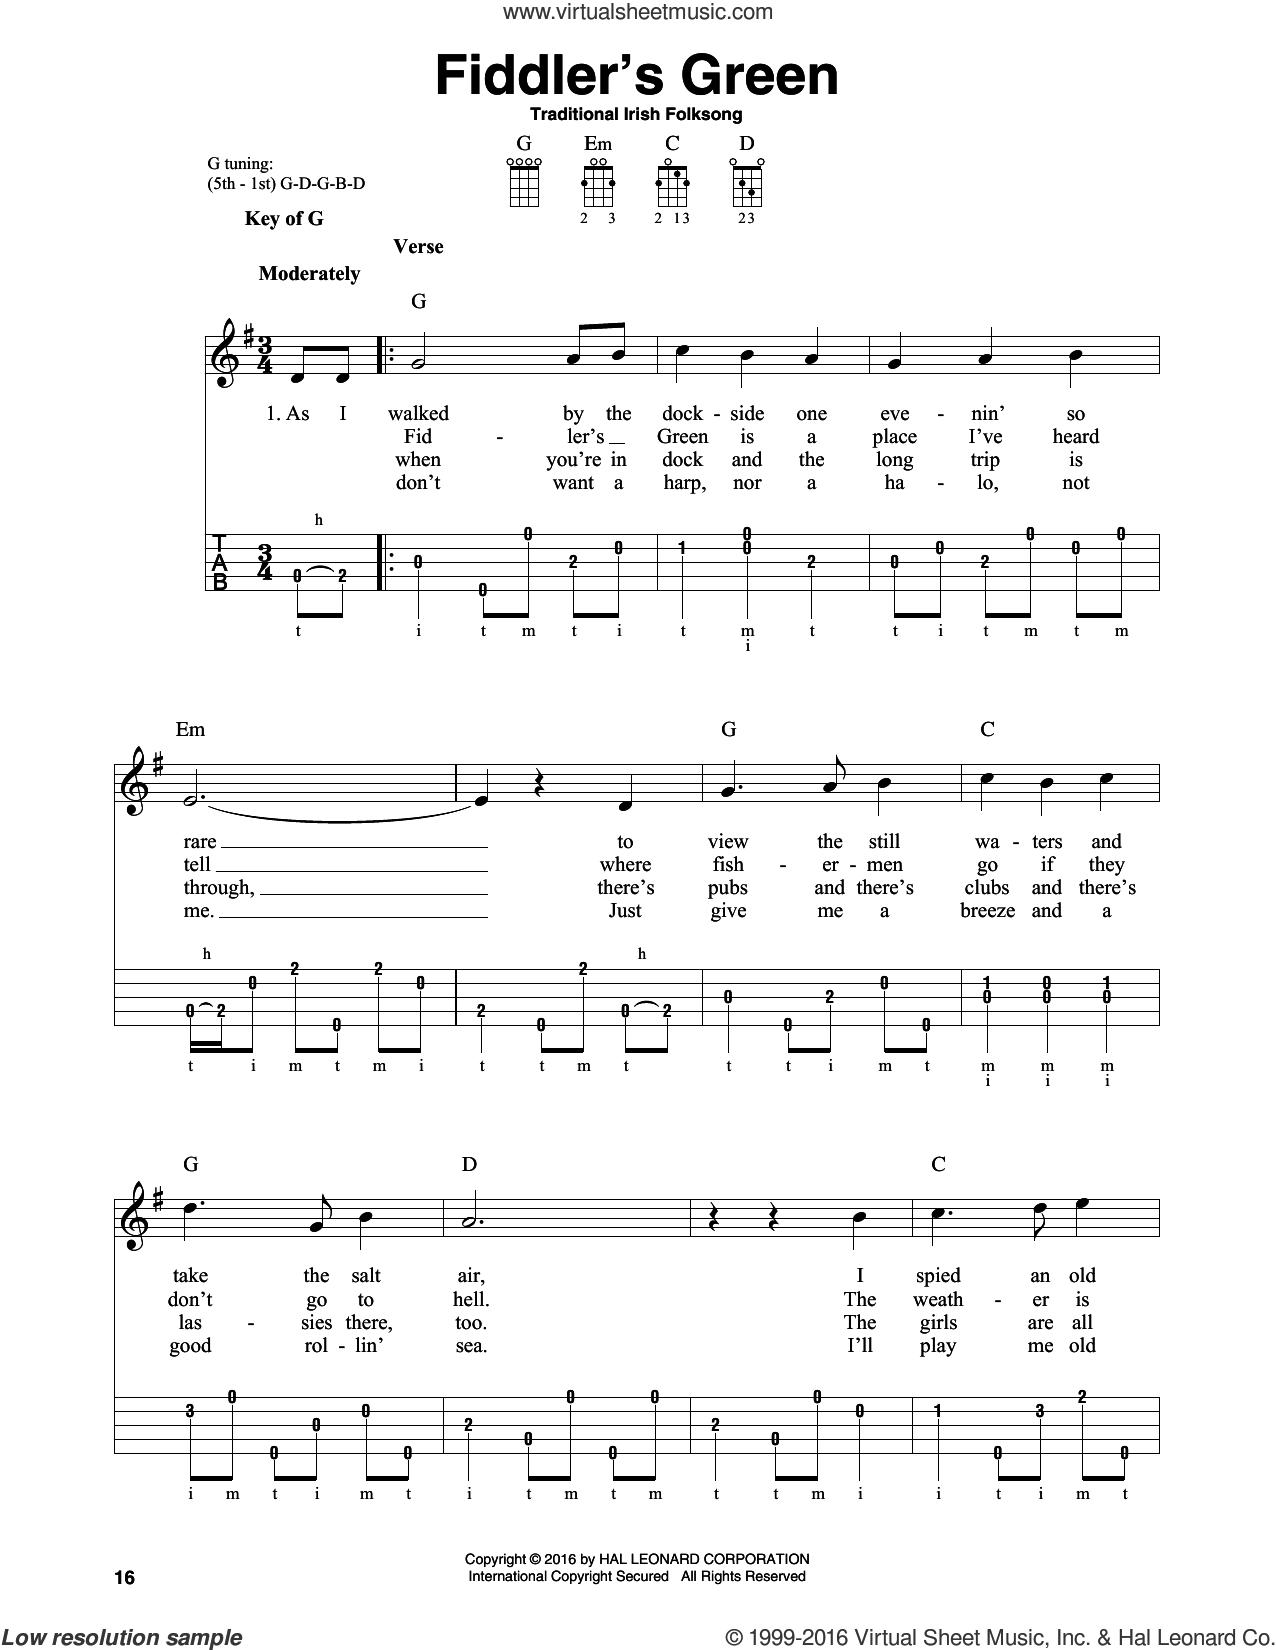 Fiddler's Green sheet music for banjo solo [PDF]